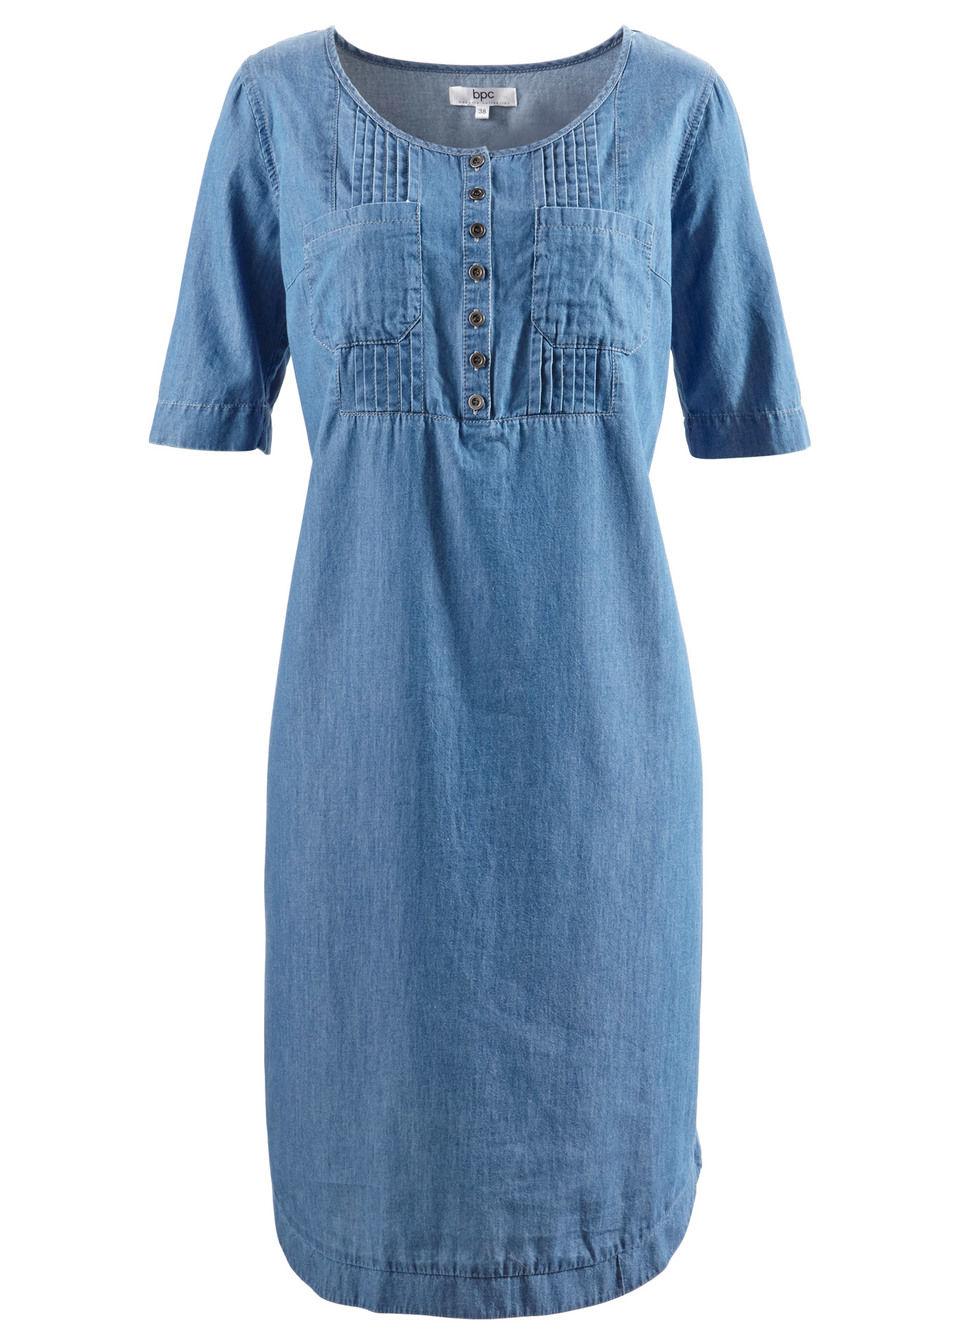 bonprix / Джинсове плаття з коротким рукавом